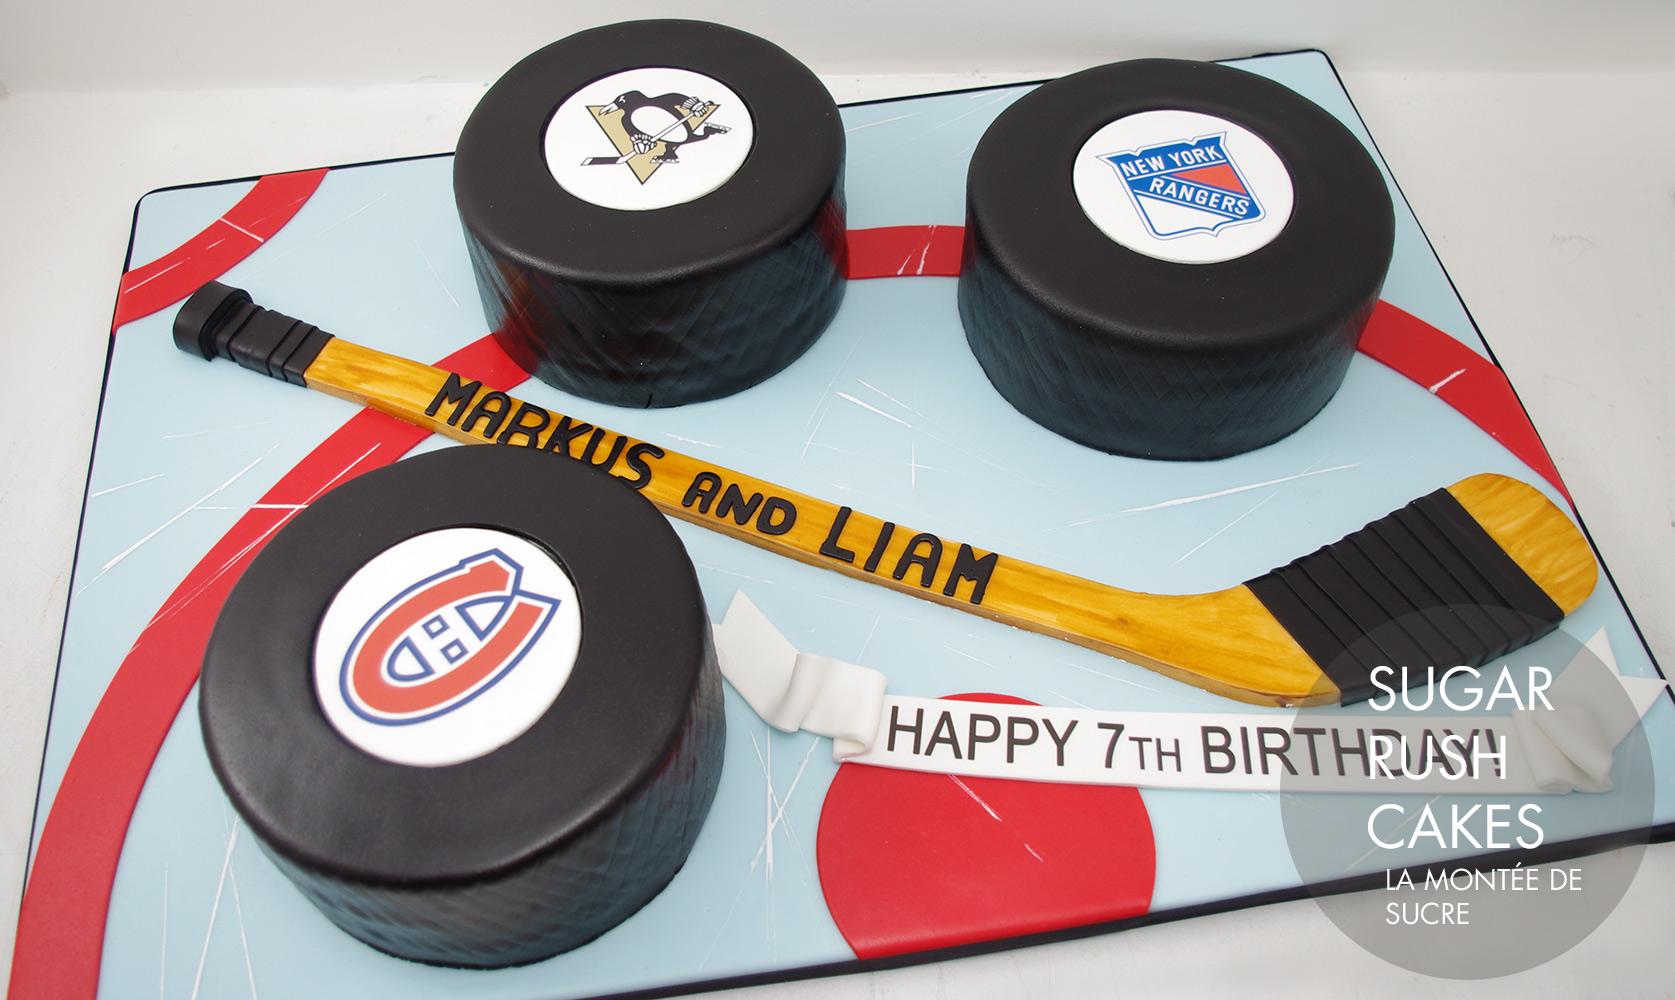 hat trick cake